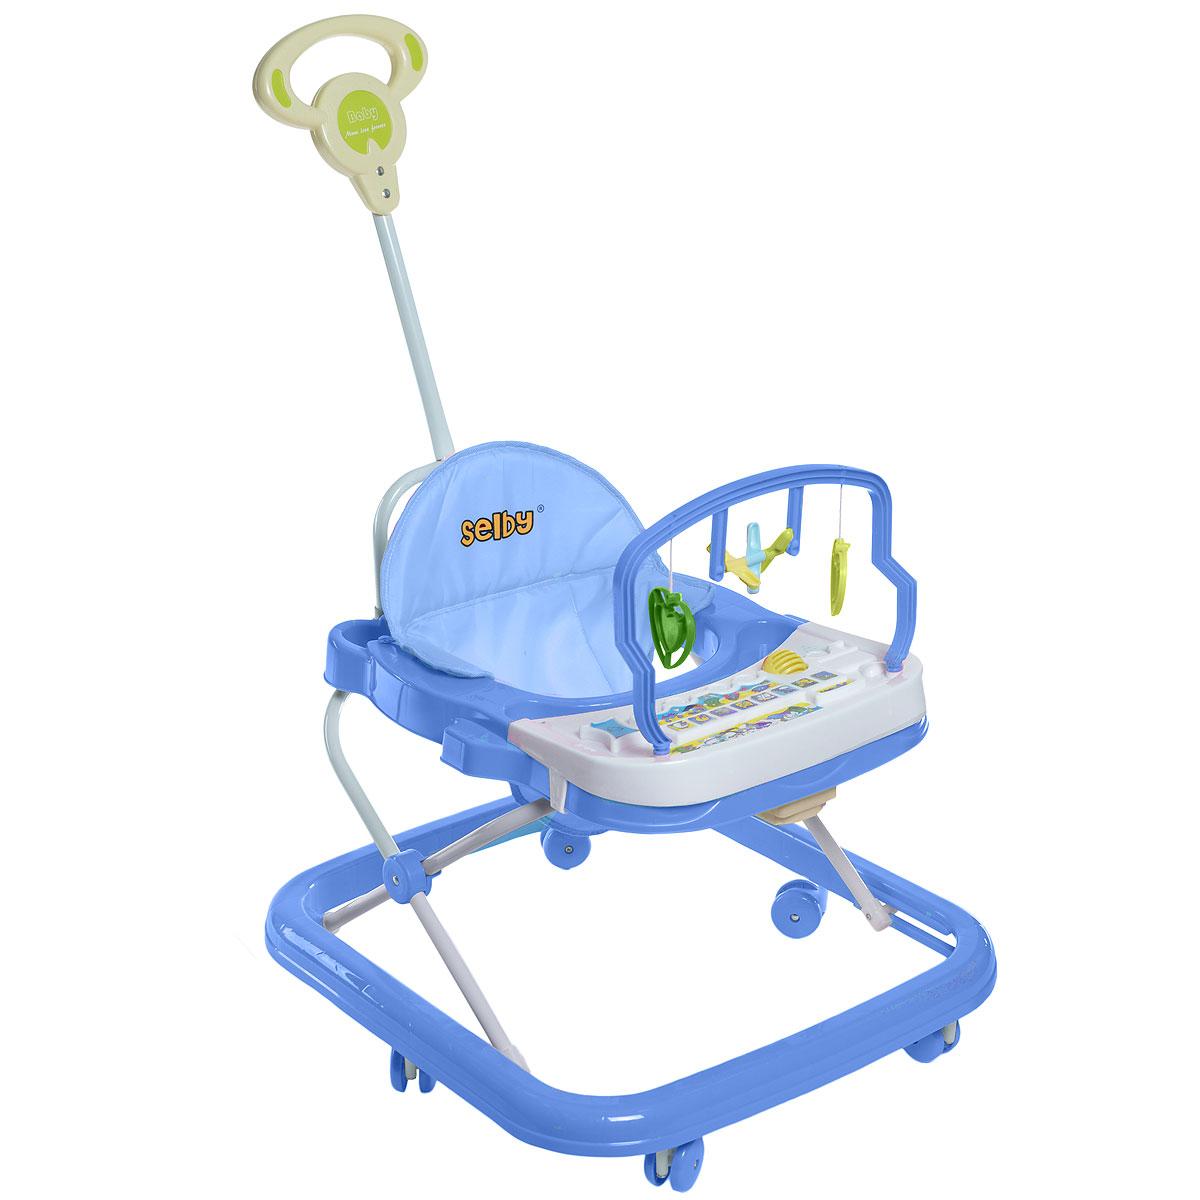 """Ходунки """"Selby"""" предназначены для развития ребенка в возрасте от 6 месяцев до 1 года, когда он начинает ходить. Изделие выполнено из высококачественного прочного пластика, безопасного для самых маленьких. Ходунки имеют несколько уровней регулировки по высоте в зависимости от роста малыша. Съемное сиденье имеет мягкую обивку. Специальный игровой столик с подвесными фигурками и музыкальной игрушкой поможет малышу отдохнуть и поиграть, когда он устанет передвигаться. Шесть колес вращаются на 360°, что позволяет ребенку двигаться в любом направлении. Дополнительно к ходункам в комплект входит родительская ручка, при помощи которой можно катать ребенка. Удобная система складывания. Необходимо докупить 2 батарейки типа АА для игрового столика (в комплект не входят)."""